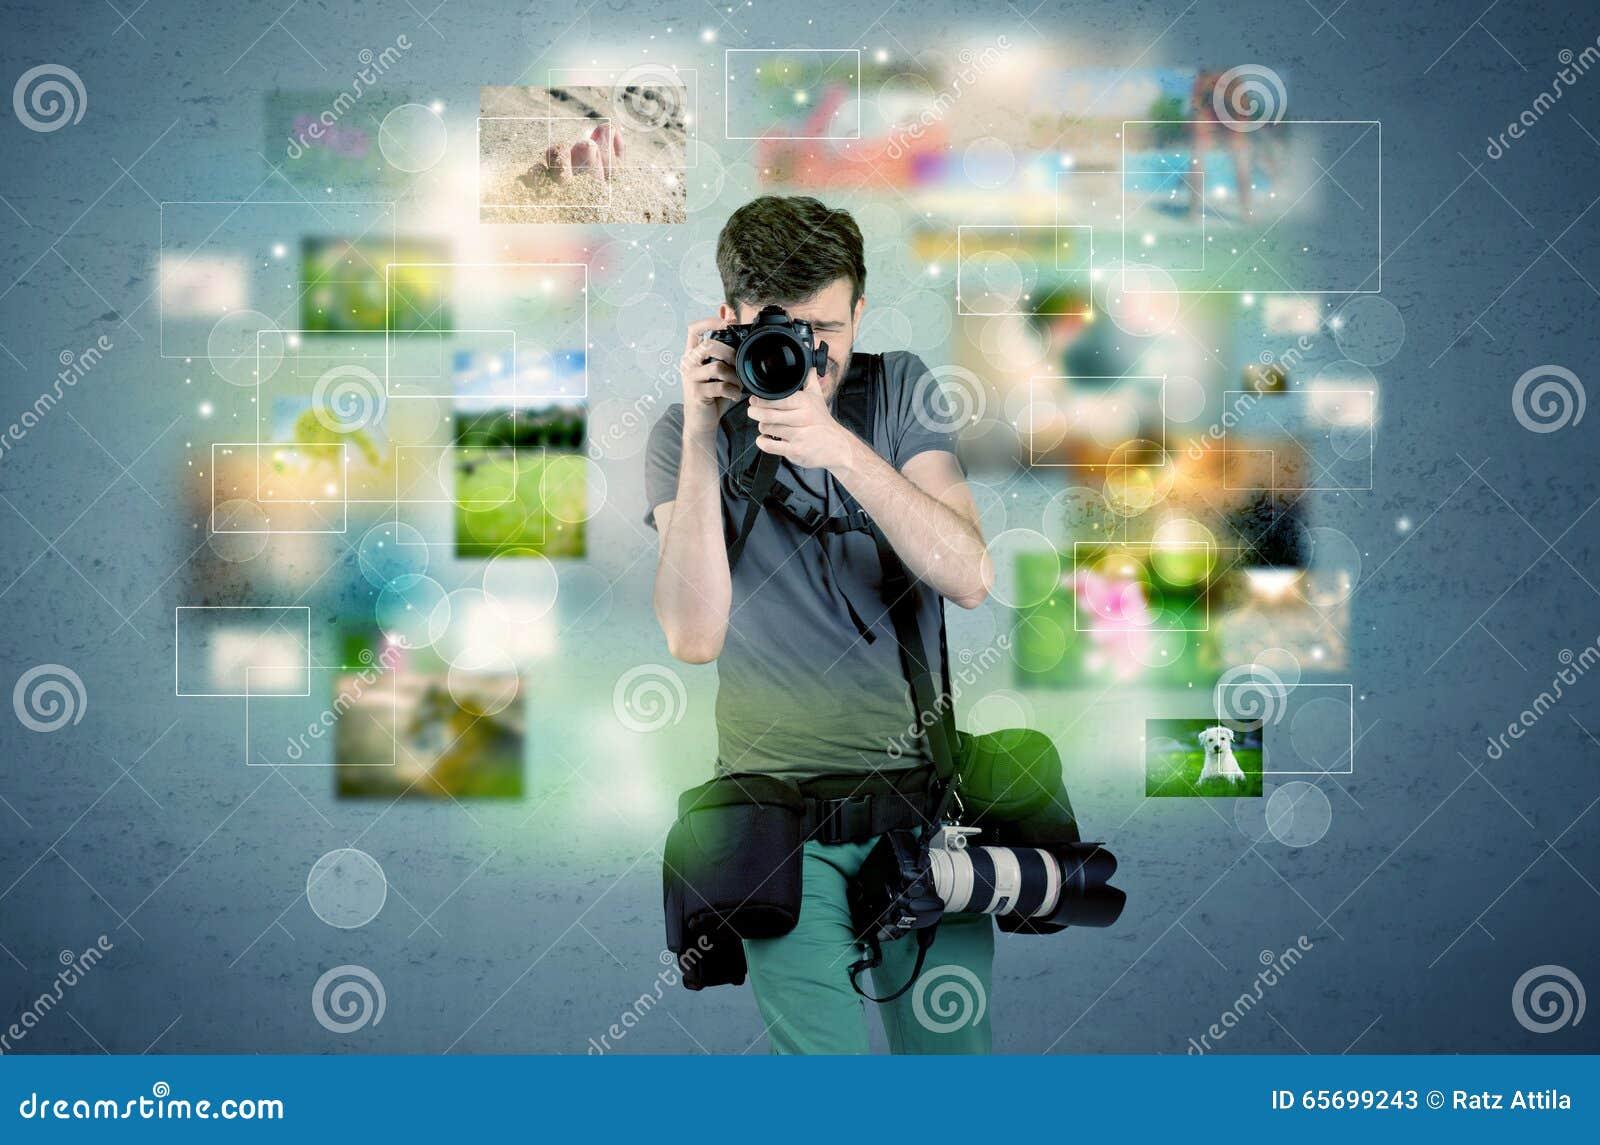 Fotógrafo com imagens do passado